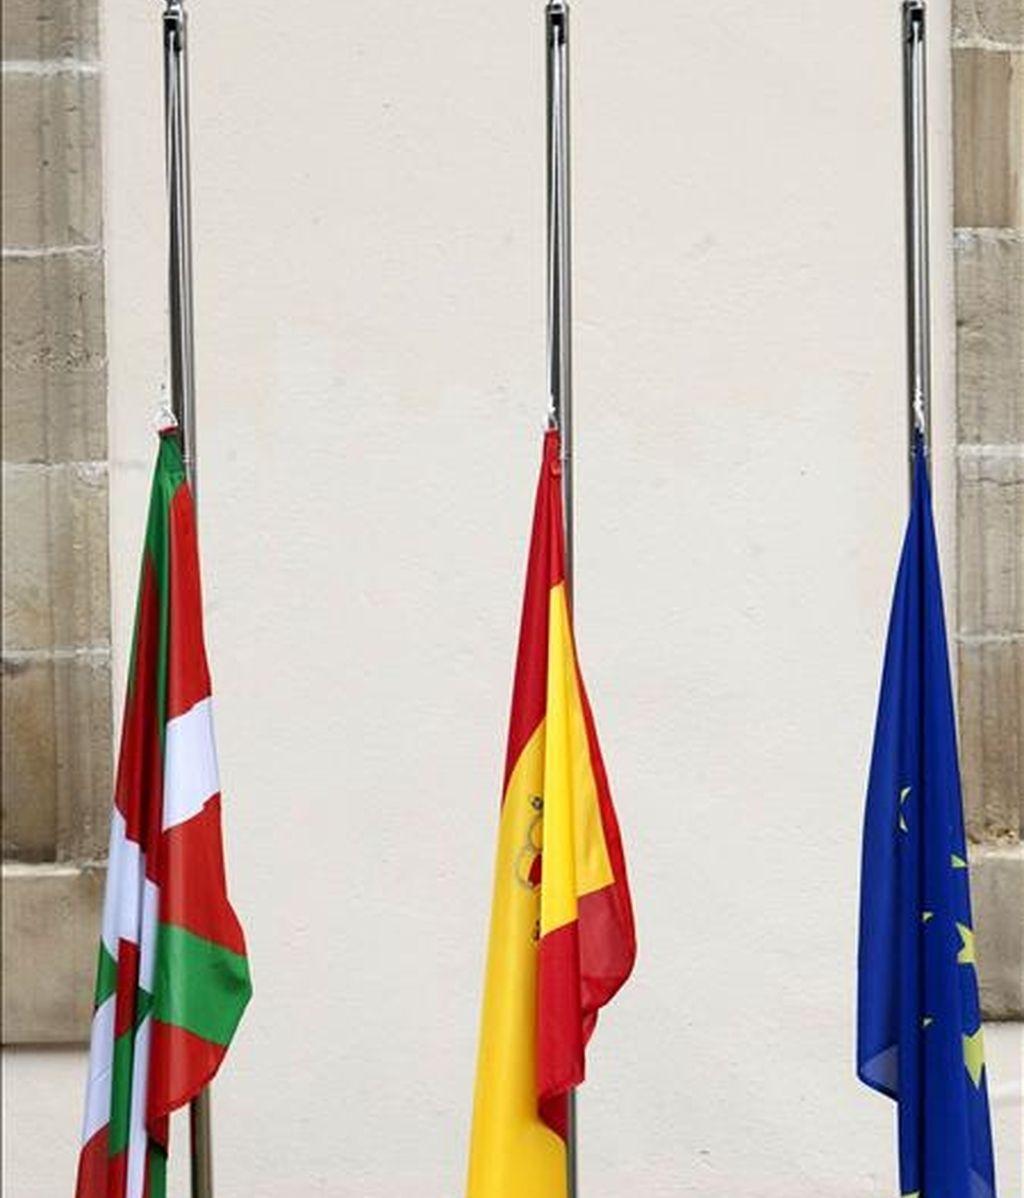 Las banderas vasca, española y europea en el Parlamento Vasco ondean, por primera vez en la historia, a media asta en señal de condena del atentado cometido hoy en Arrigorriaga contra el policía nacional Eduardo Antonio Puelles. La Cámara colocó las tres banderas el pasado 5 de febrero en aplicación de una sentencia del tribunal Supremo. EFE